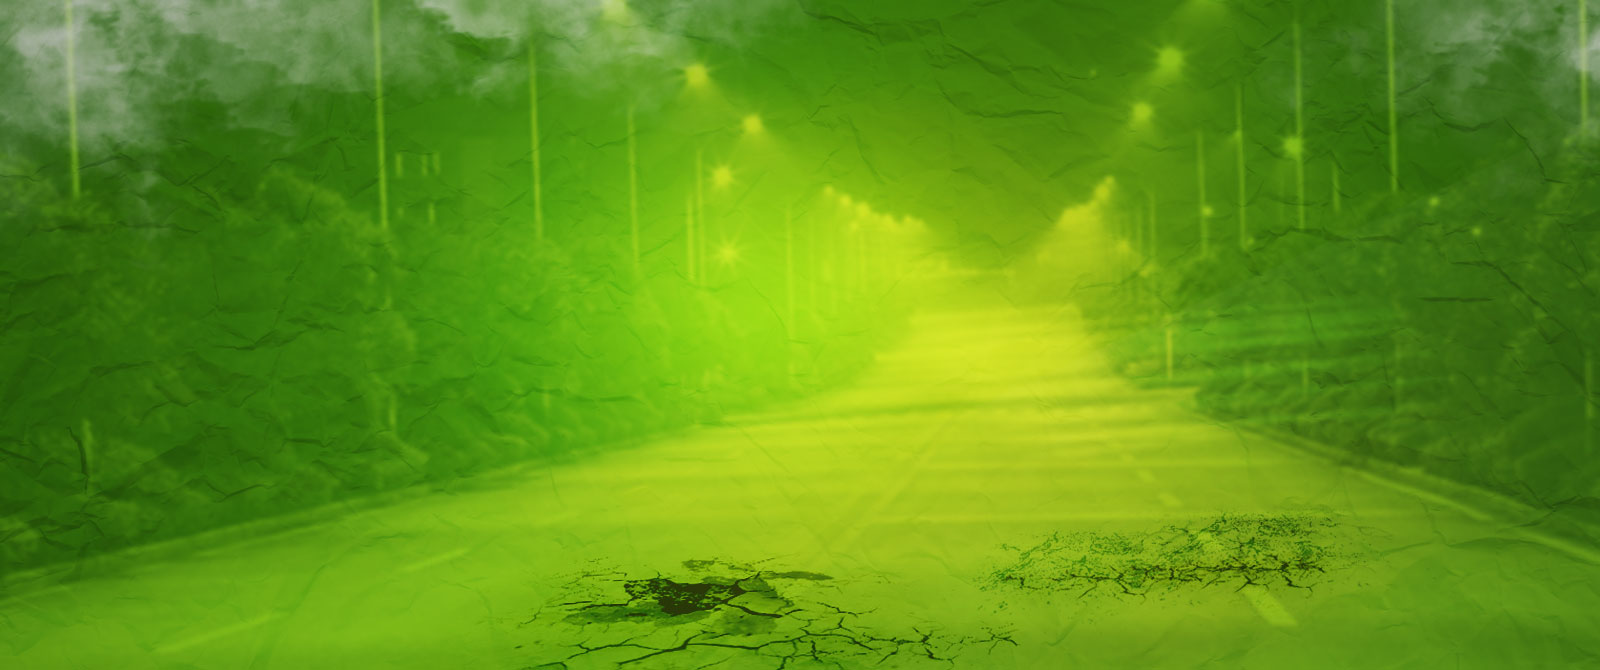 bg-green-2